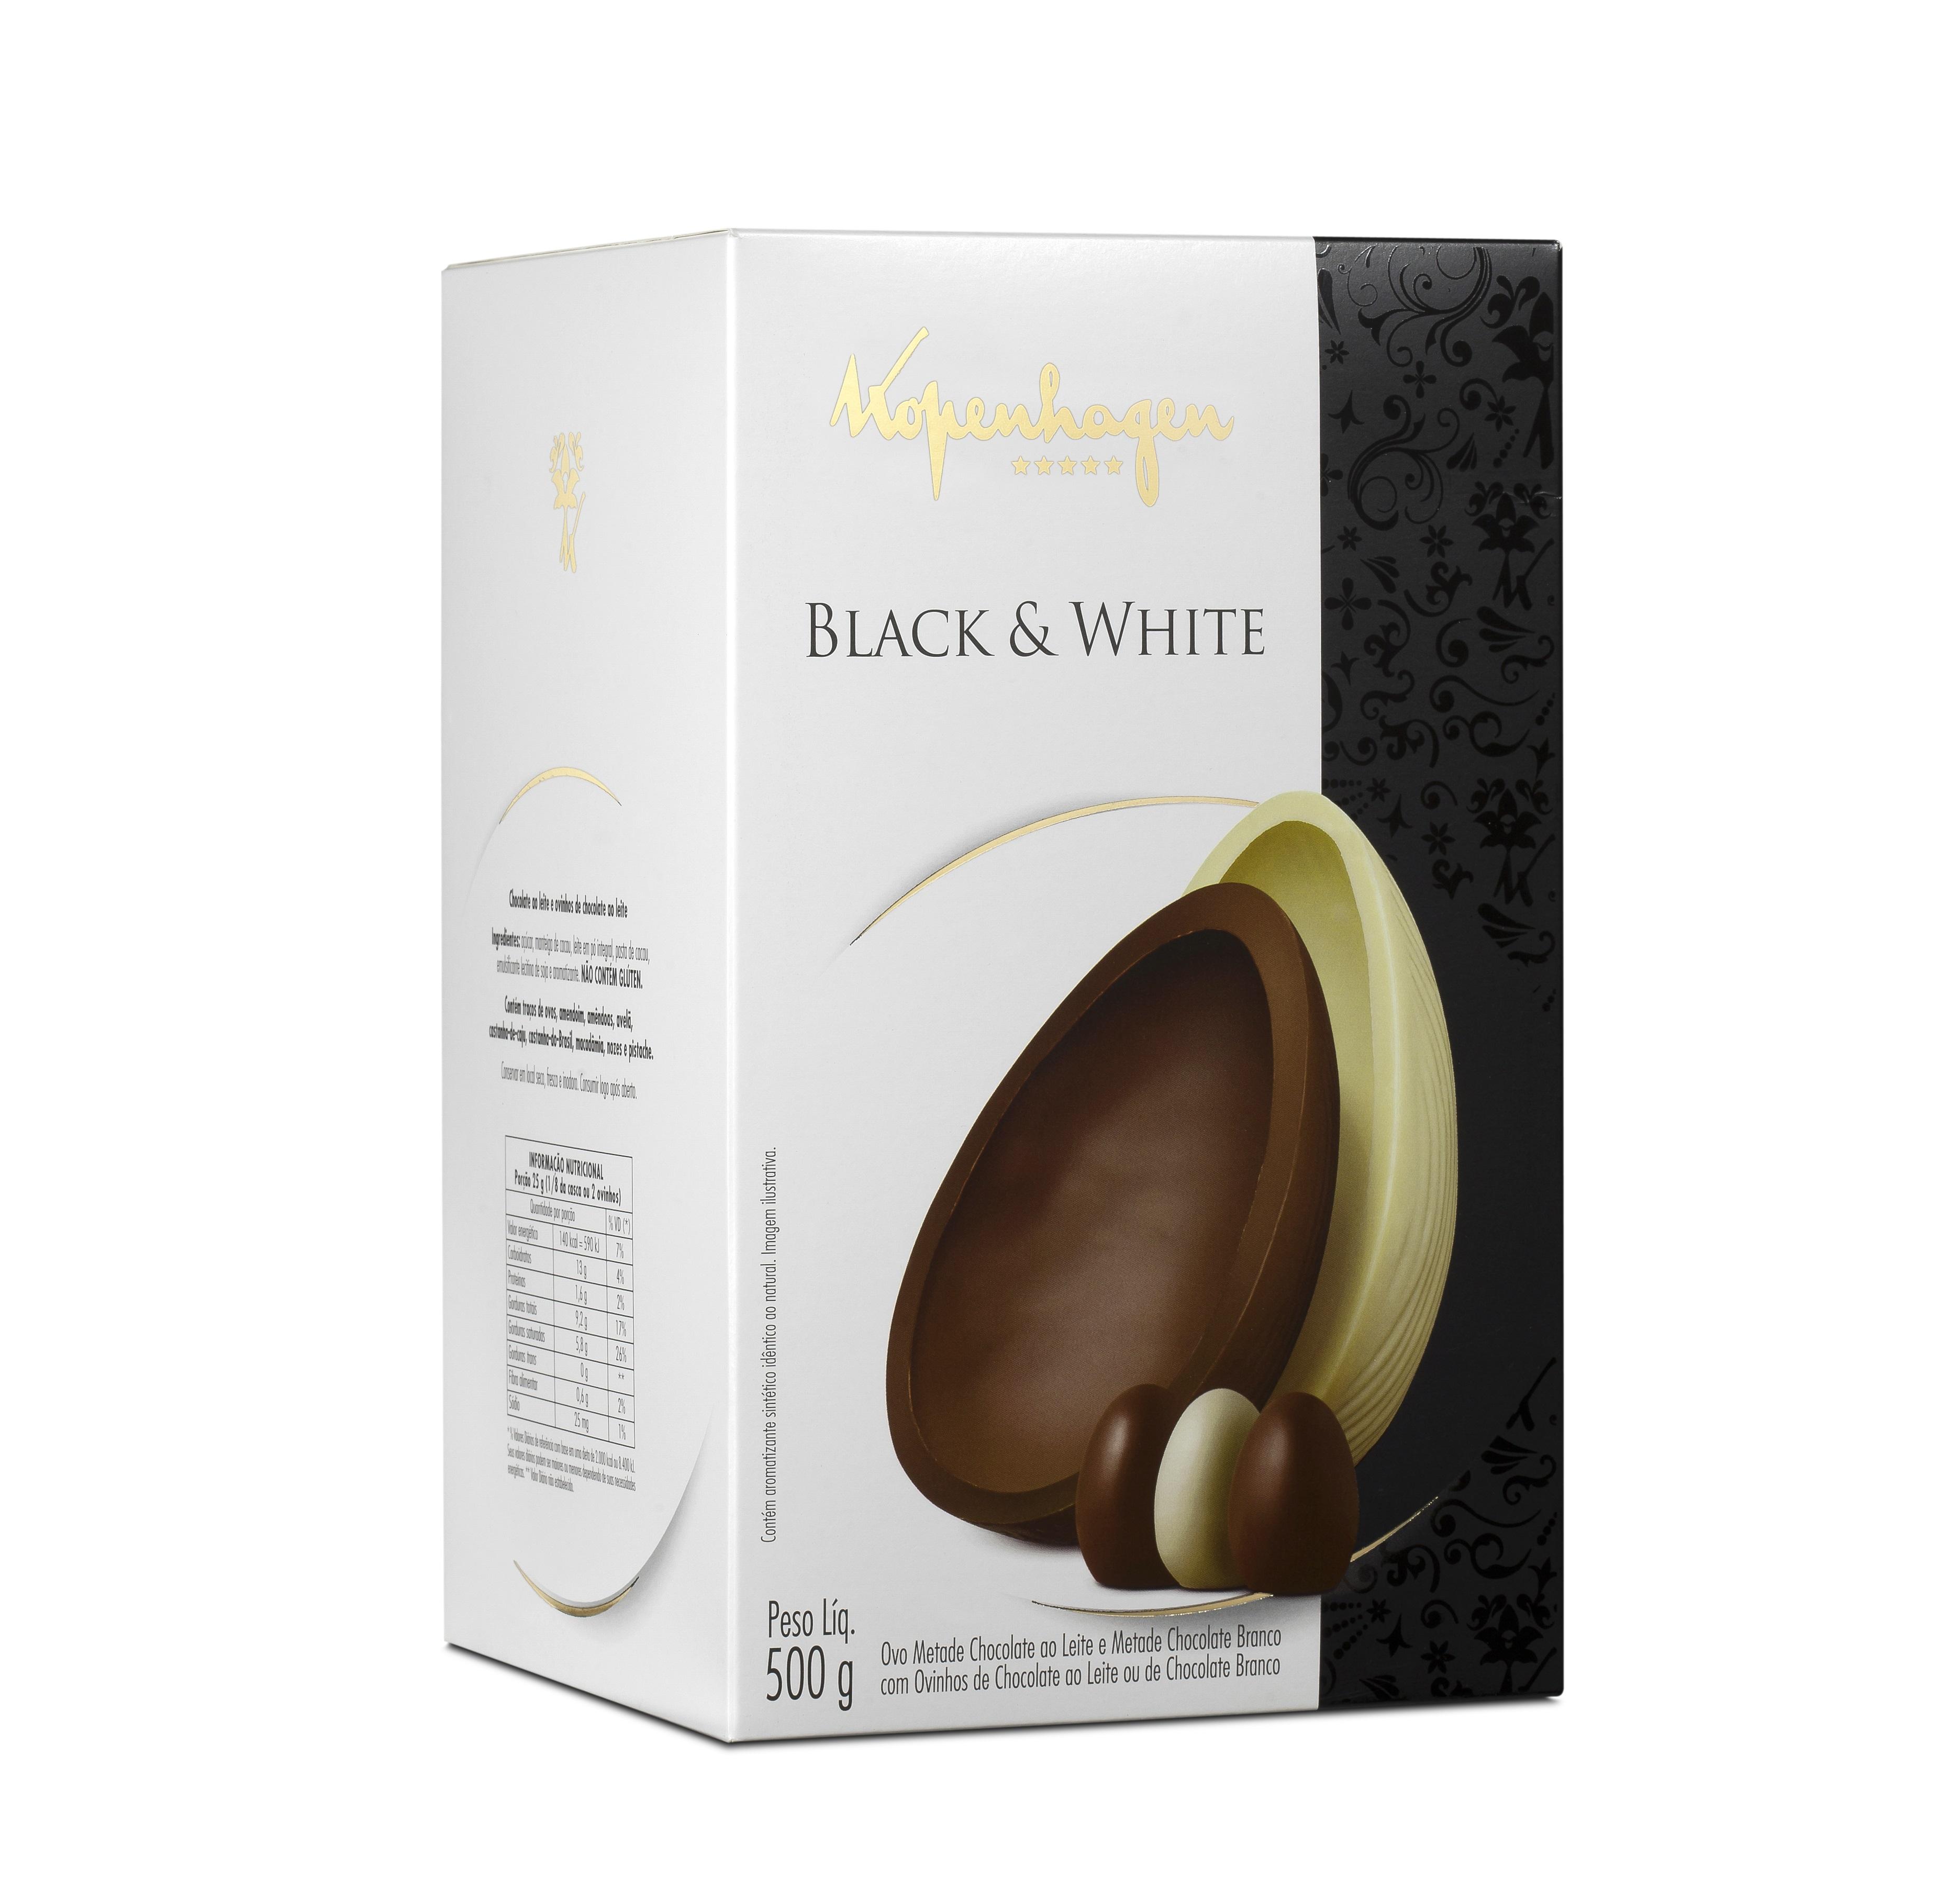 247075_480159_ovo_black___white